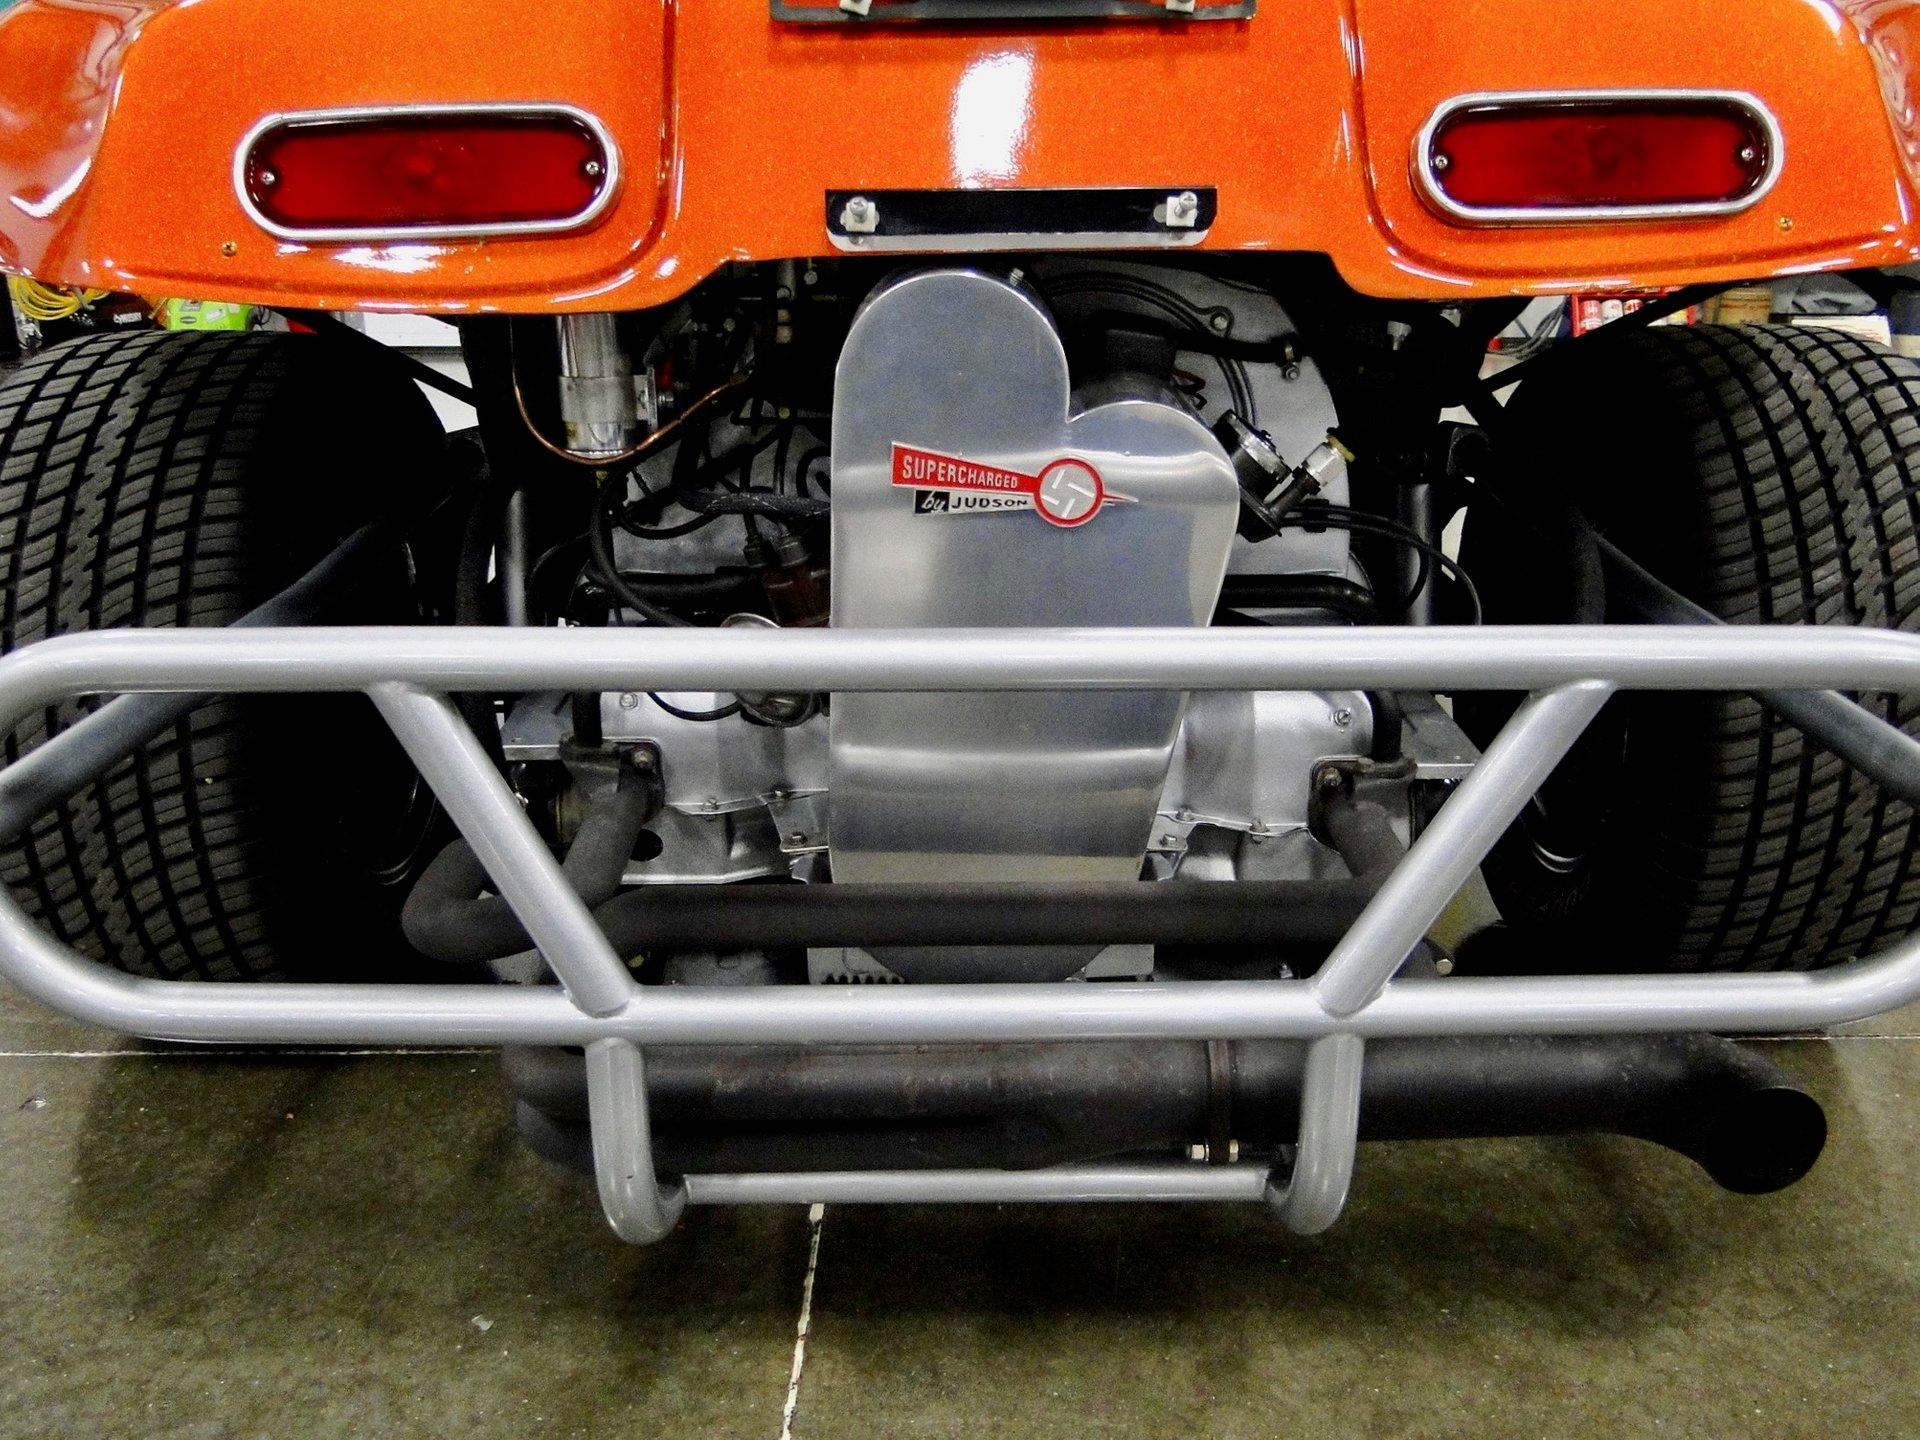 1975 Volkswagen Dune Buggy for sale #87985 | MCG